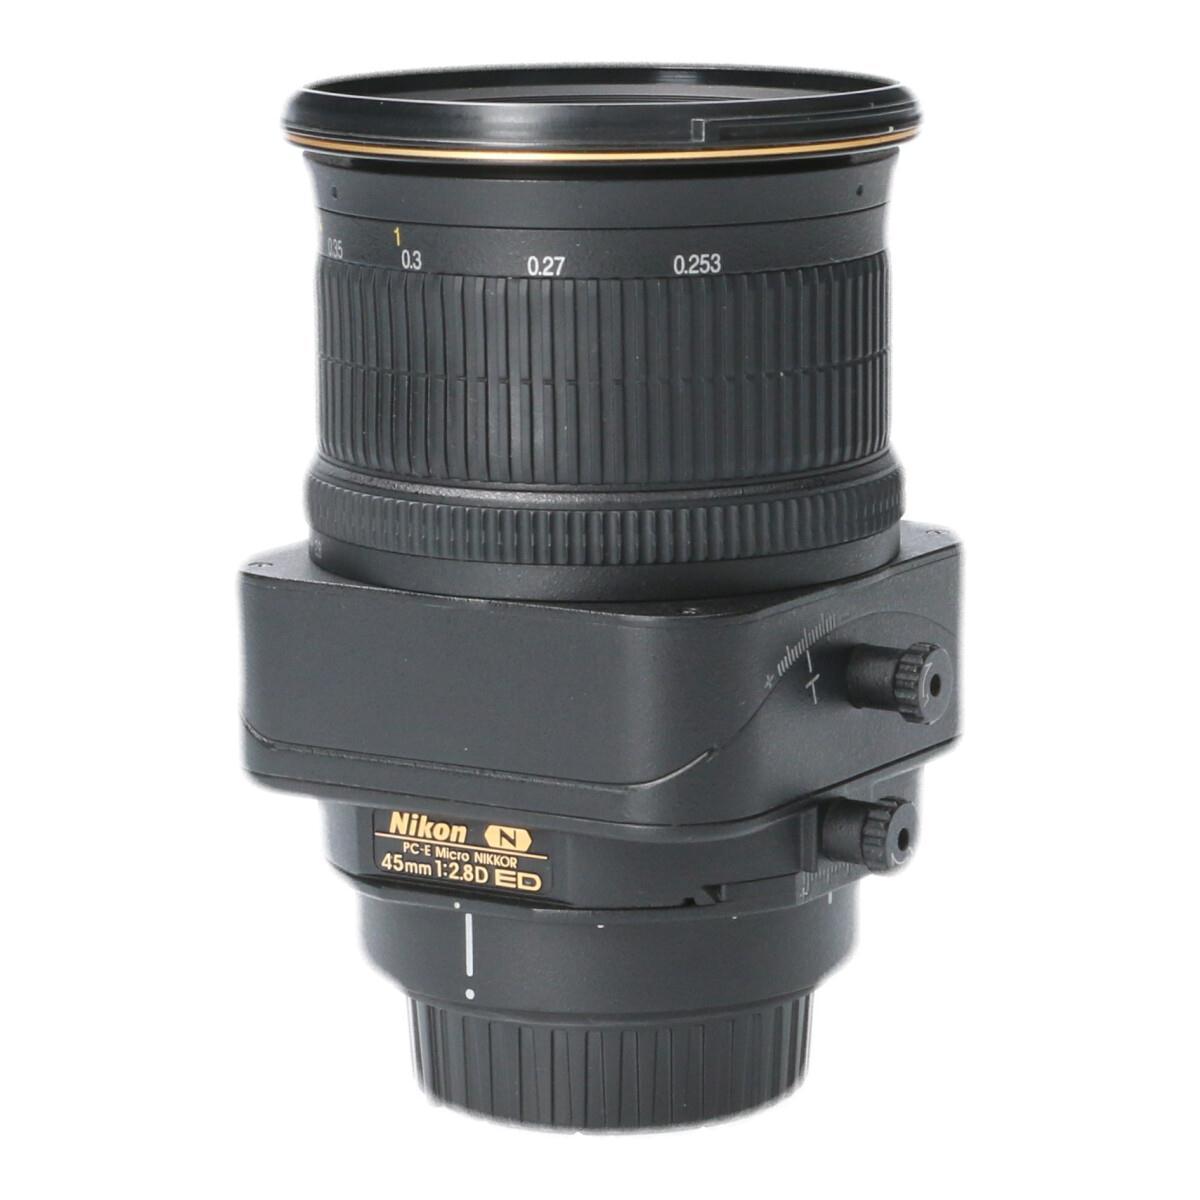 NIKON PC-E45mm F2.8D MICRO【中古】